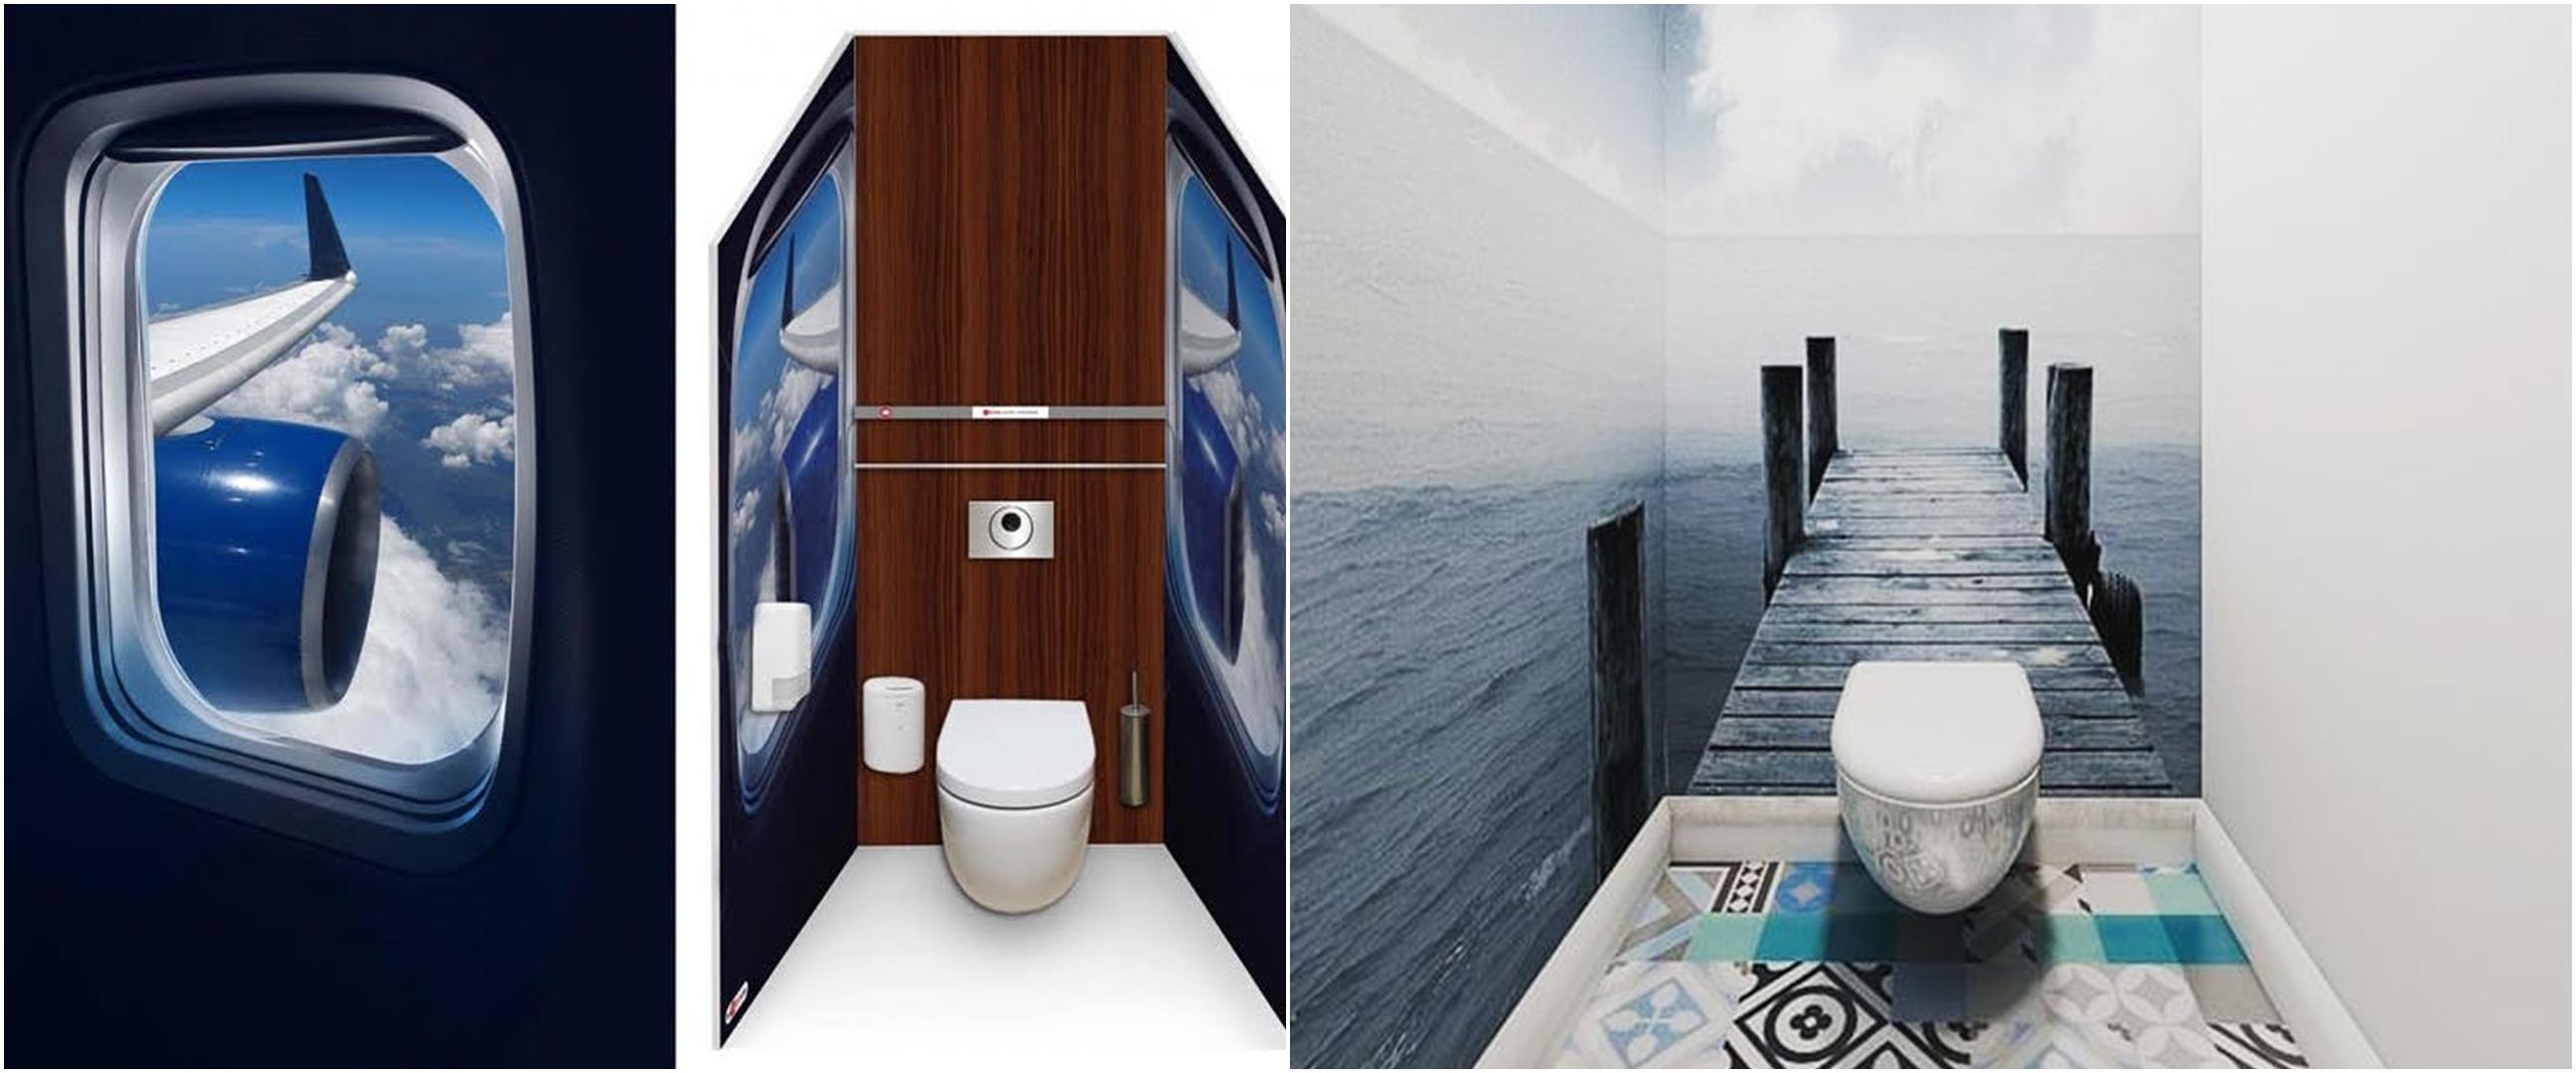 10 Desain toilet ini unik dan artistik banget, keren pol